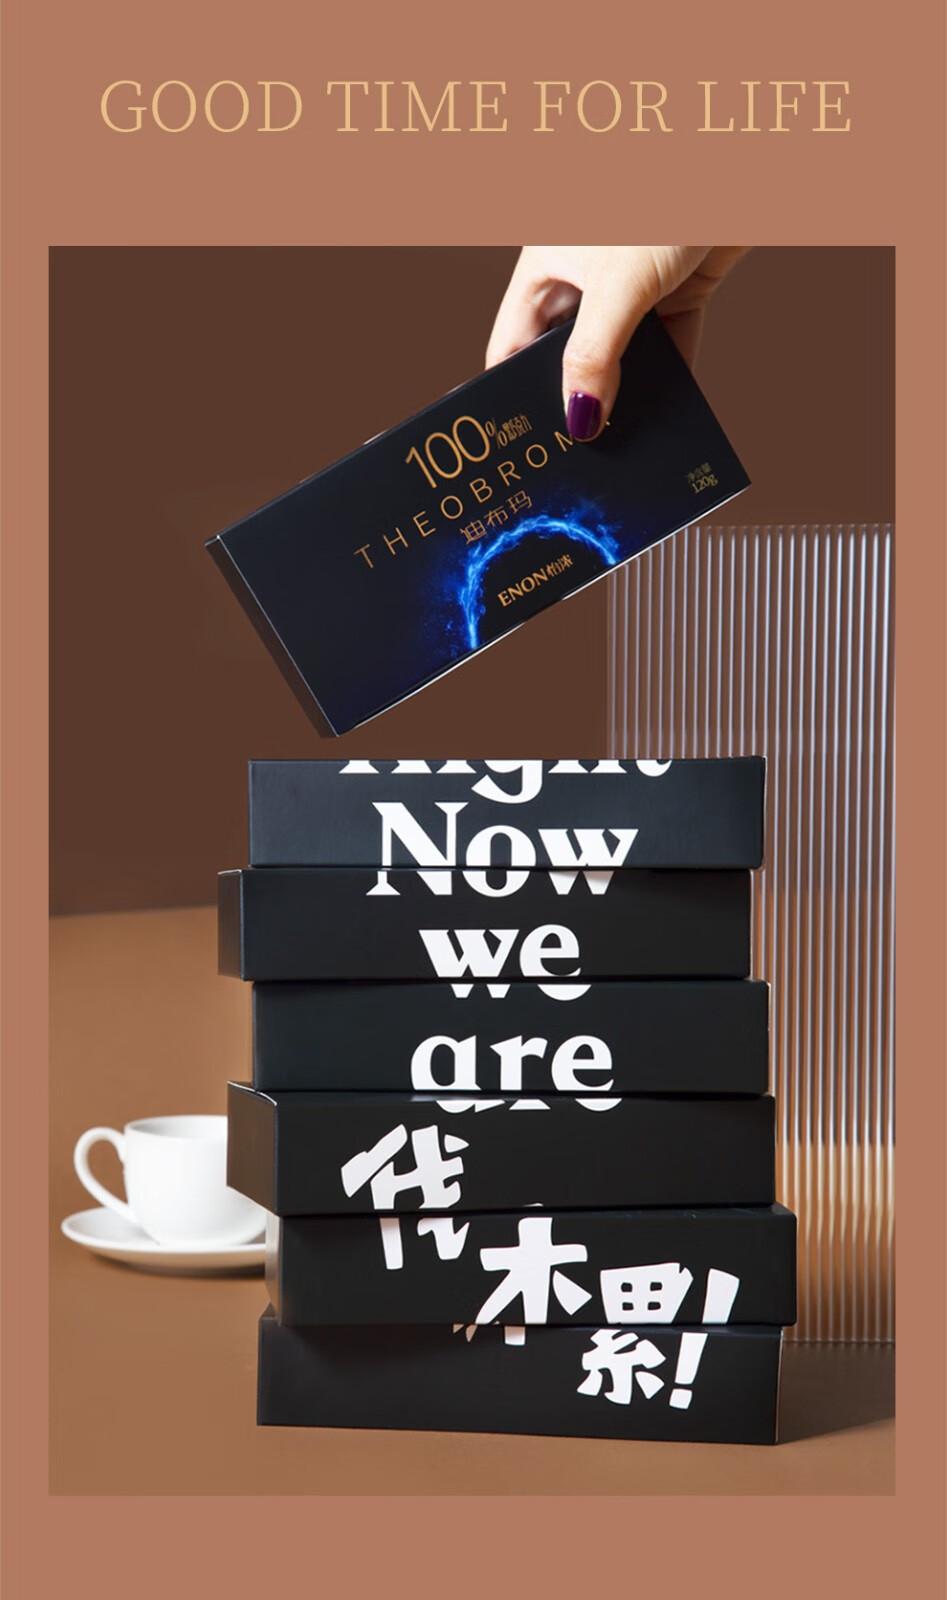 【35.6选4件】怡浓 礼盒100%黑巧克力可可脂苦巧克力多口味休闲零食情人节表白礼物520送女友 100%可可逆天苦无蔗糖120g